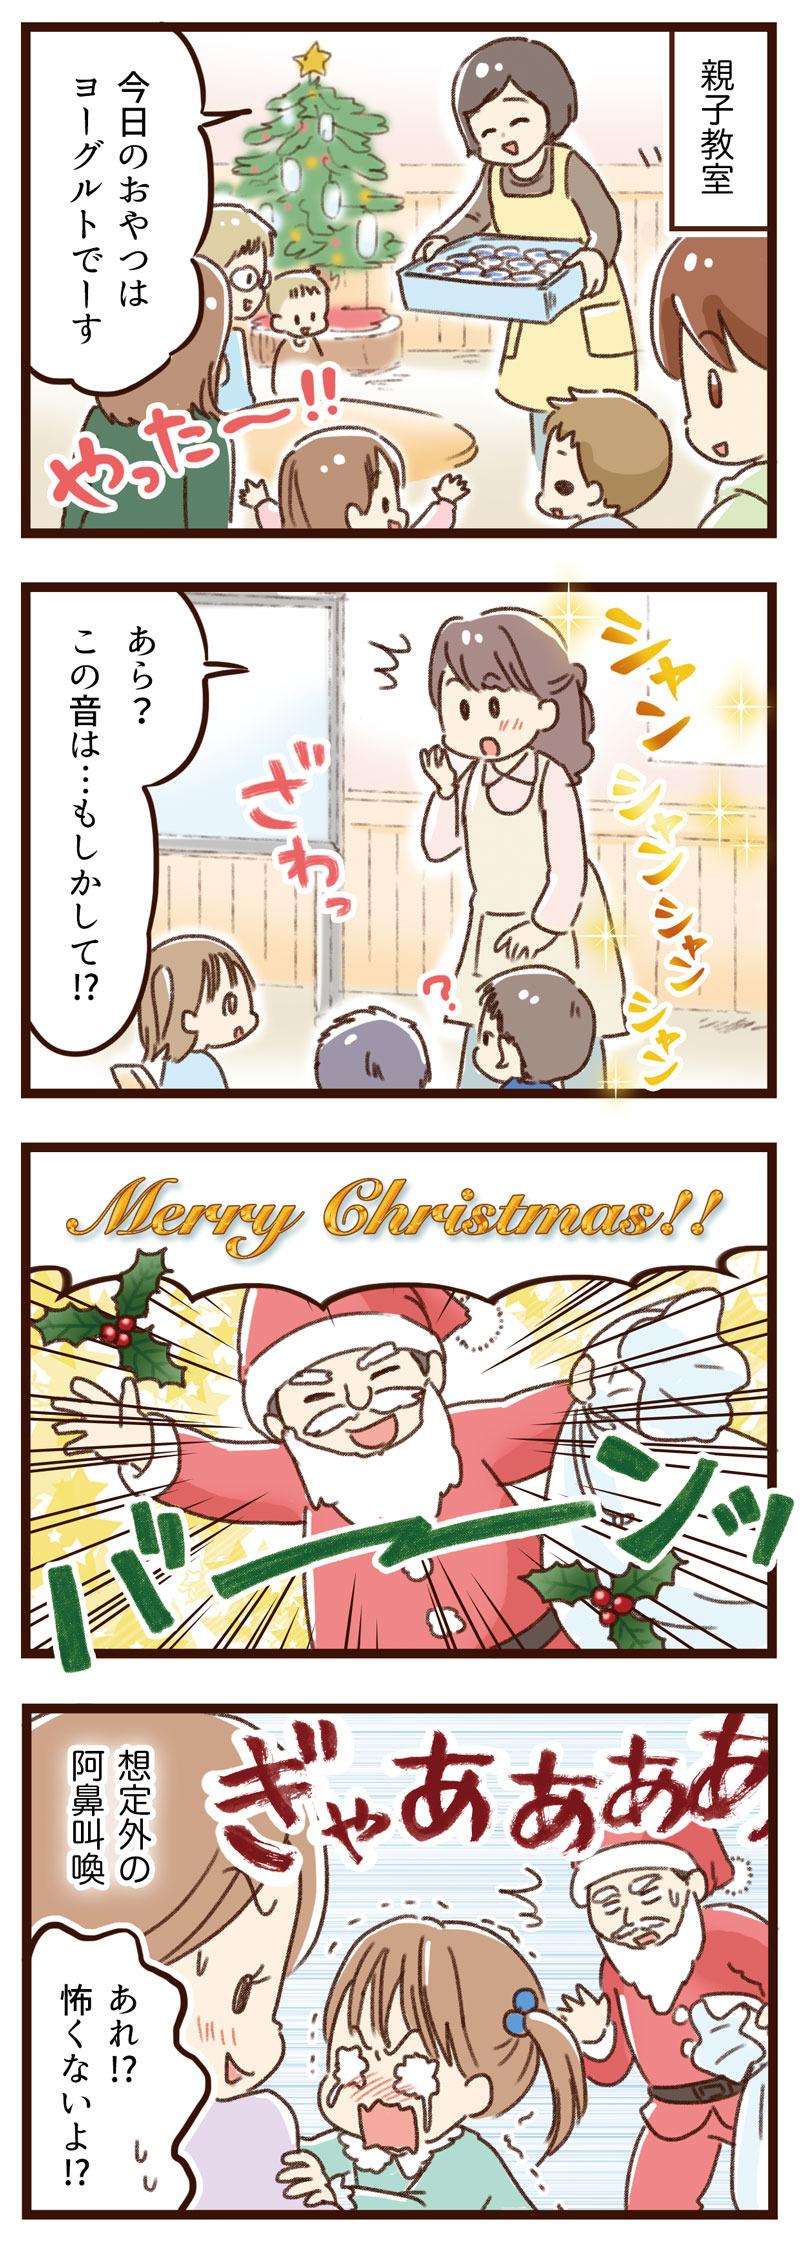 クリスマス会 ゆむい